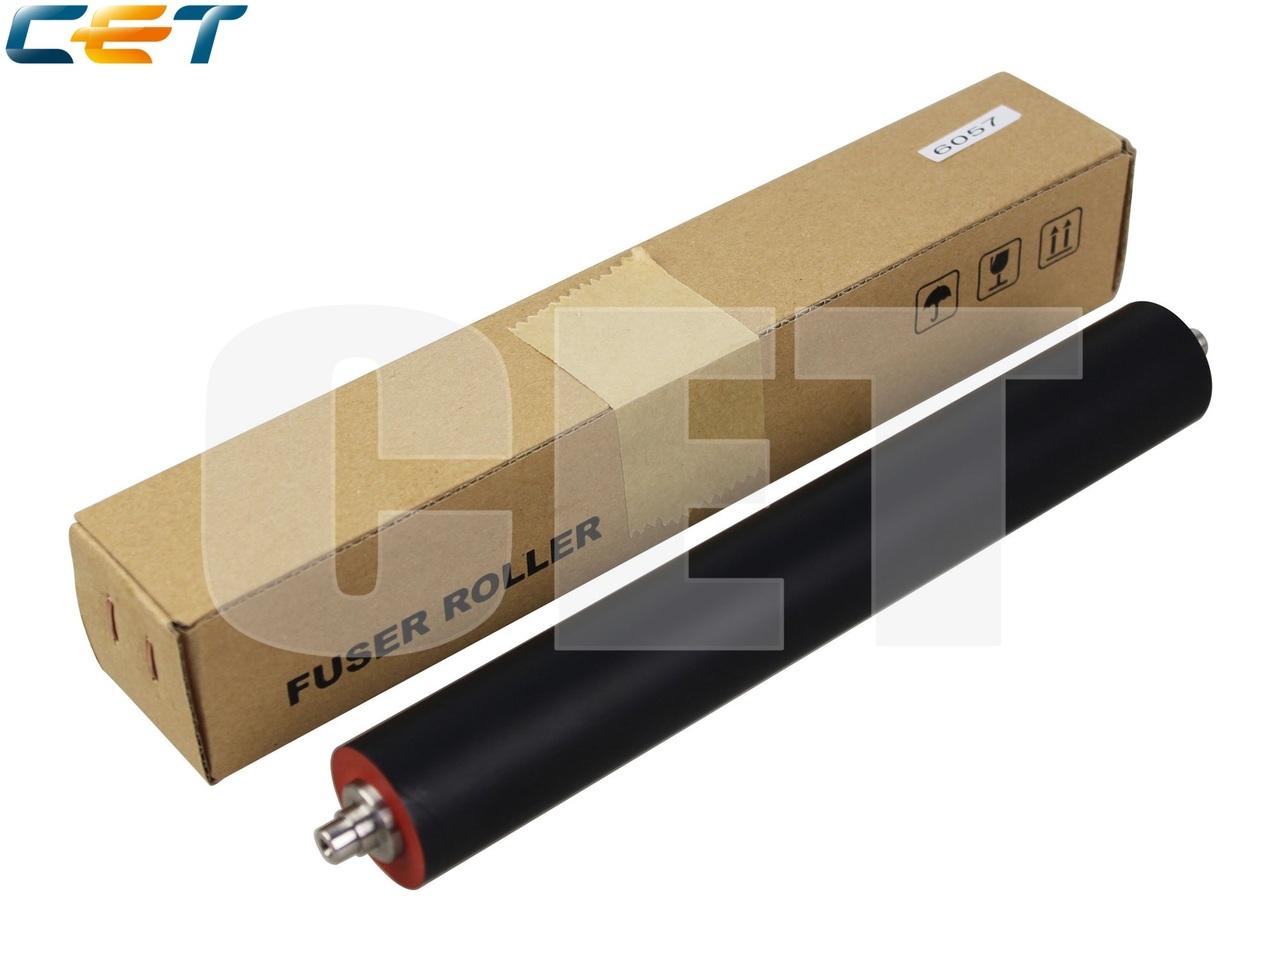 Резиновый вал M052-4059 для RICOH AficioSP5200DN/SP5210DN/SP5200S/SP5210SF/SP5210SR (CET),CET6057